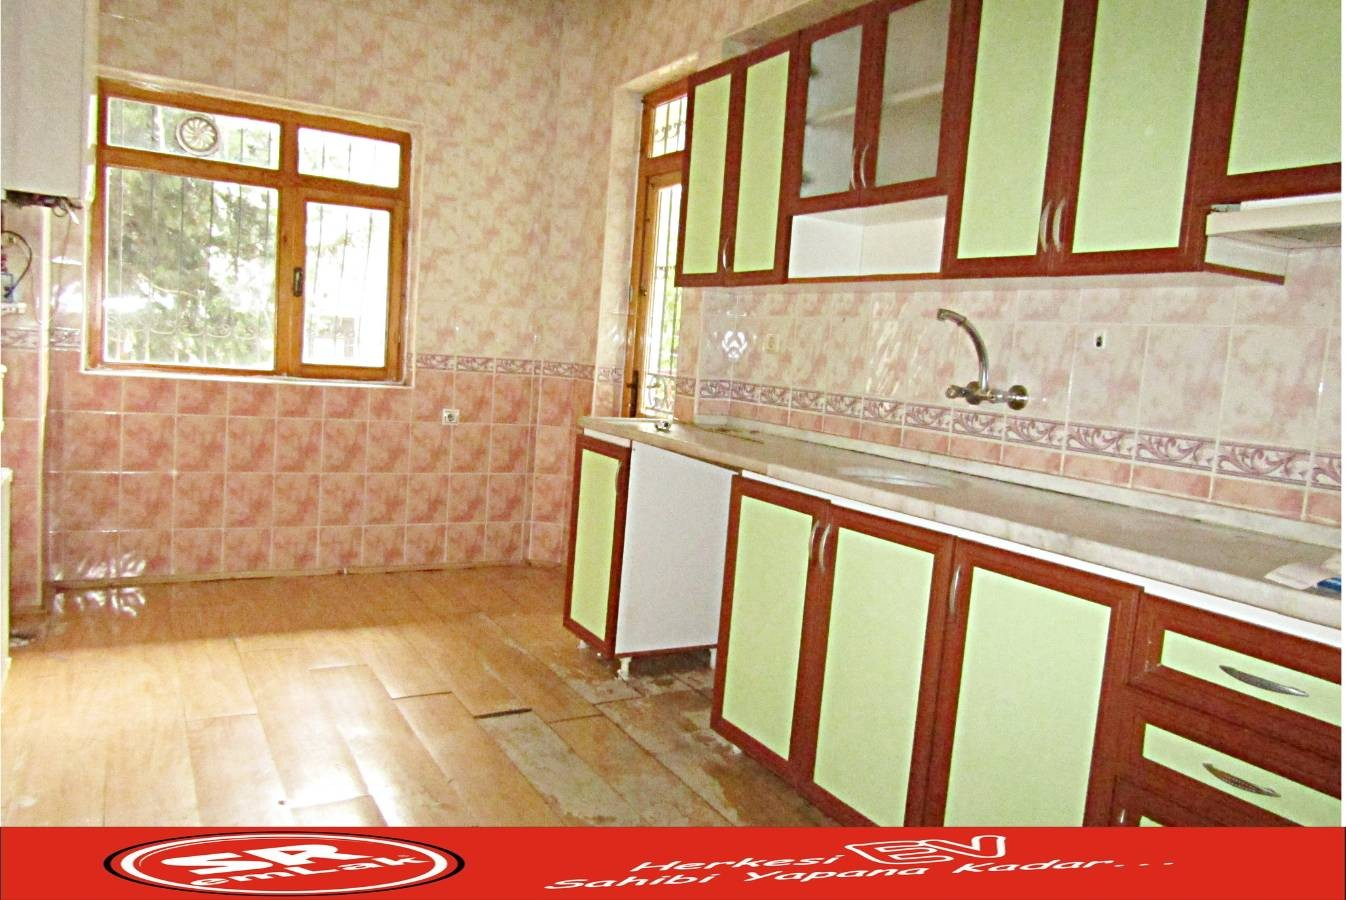 SR EMLAK'TAN ELVAN MAH'DE 2+1 90 m²  ÖN CEPHE TRENE YAKIN DAİRE